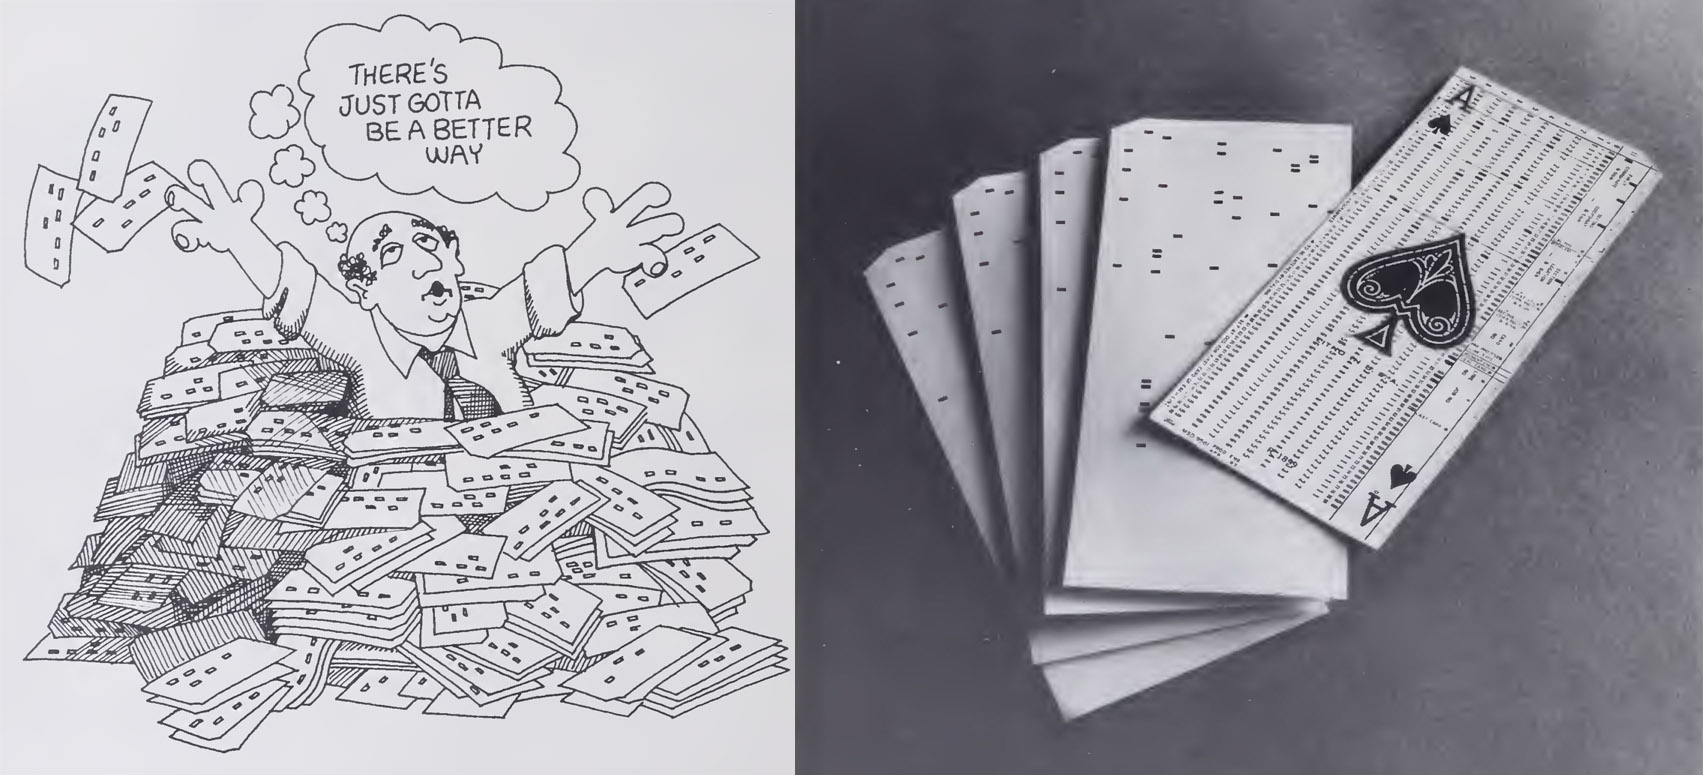 Ликбез по работе с перфокартами (или история о том, как с 1890-го по 1970-й «большие данные» обрабатывались)